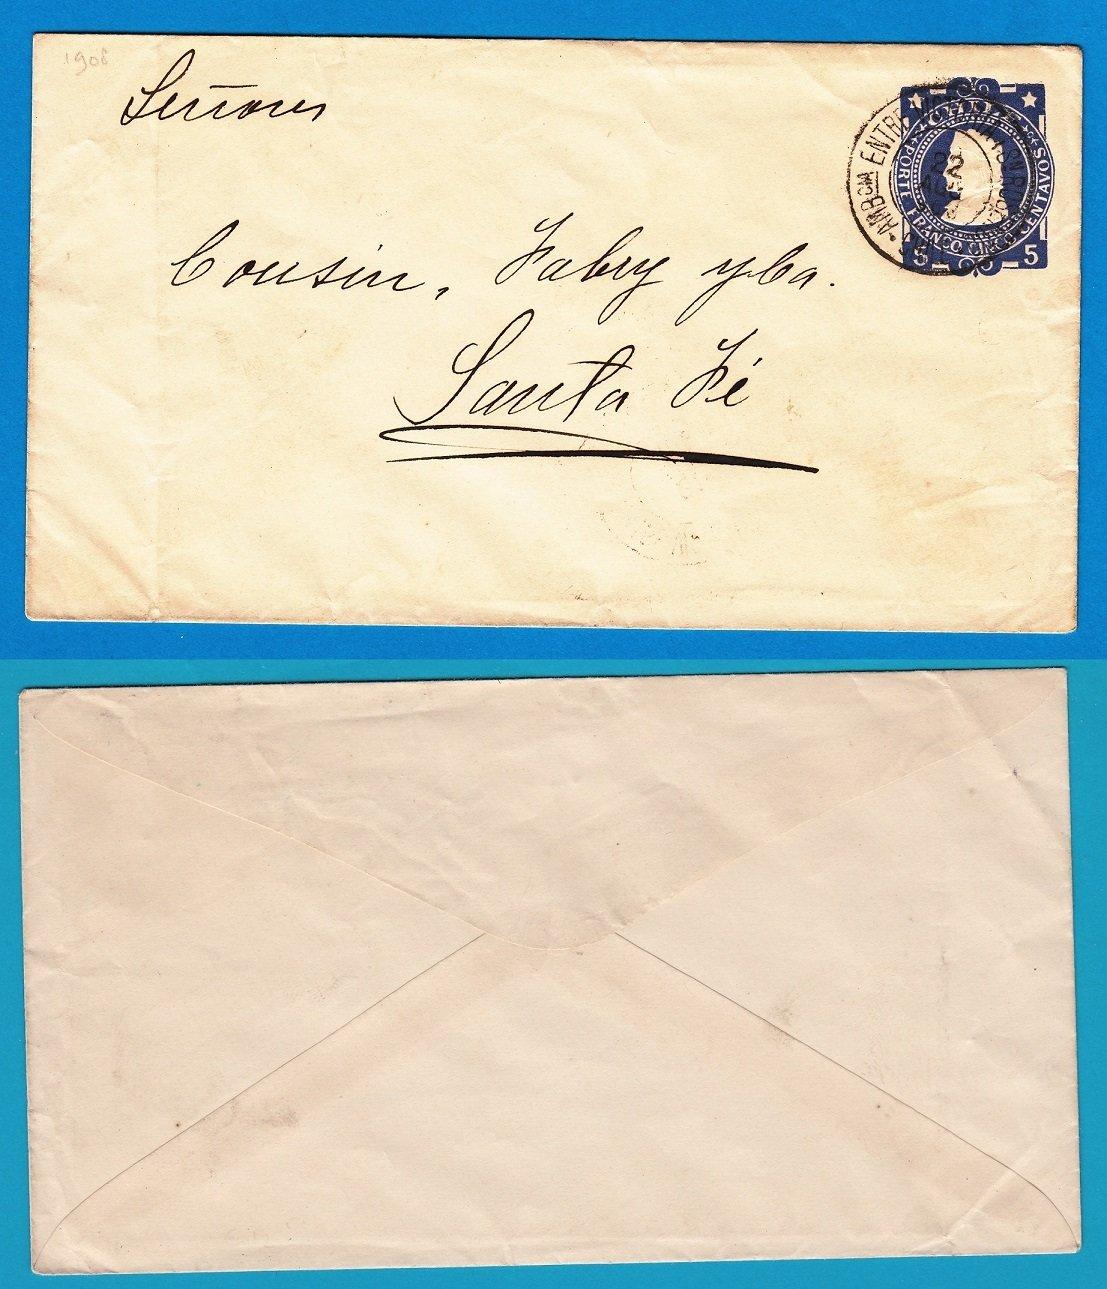 CHILE envelope 1903 with Ambulancia Entre Victoria y Sn Rosendo